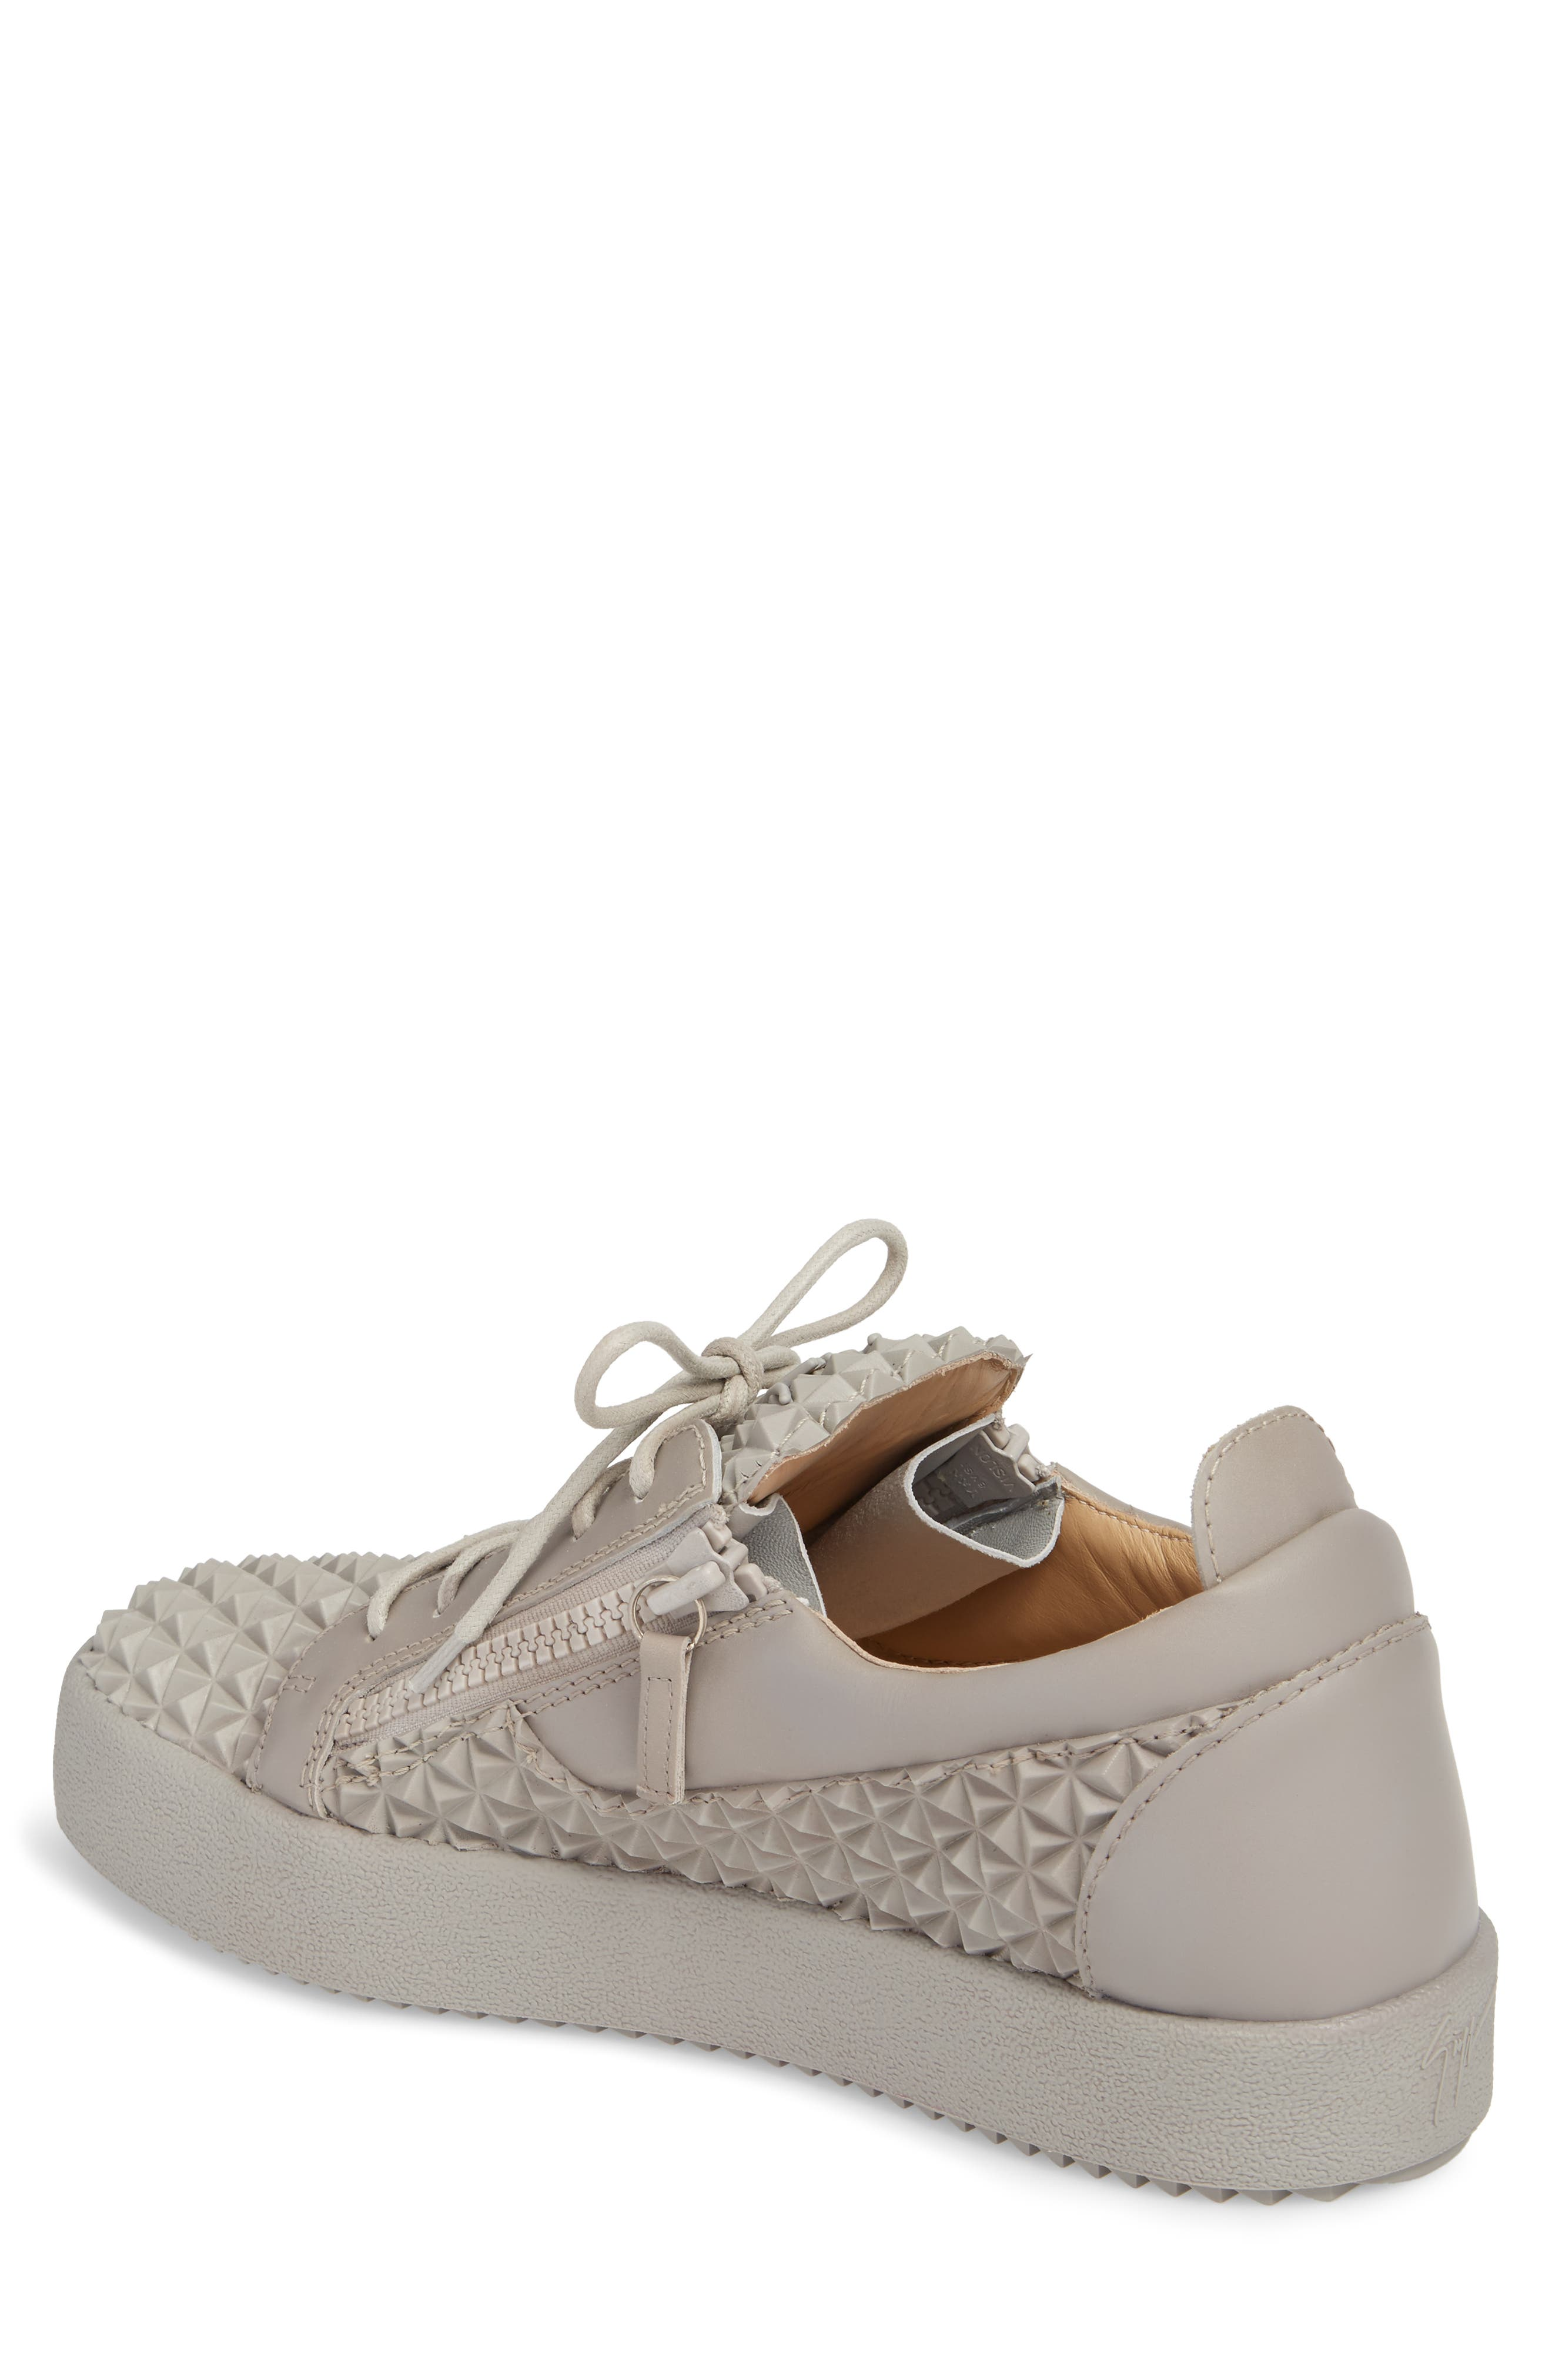 Low Top Sneaker,                             Alternate thumbnail 2, color,                             006